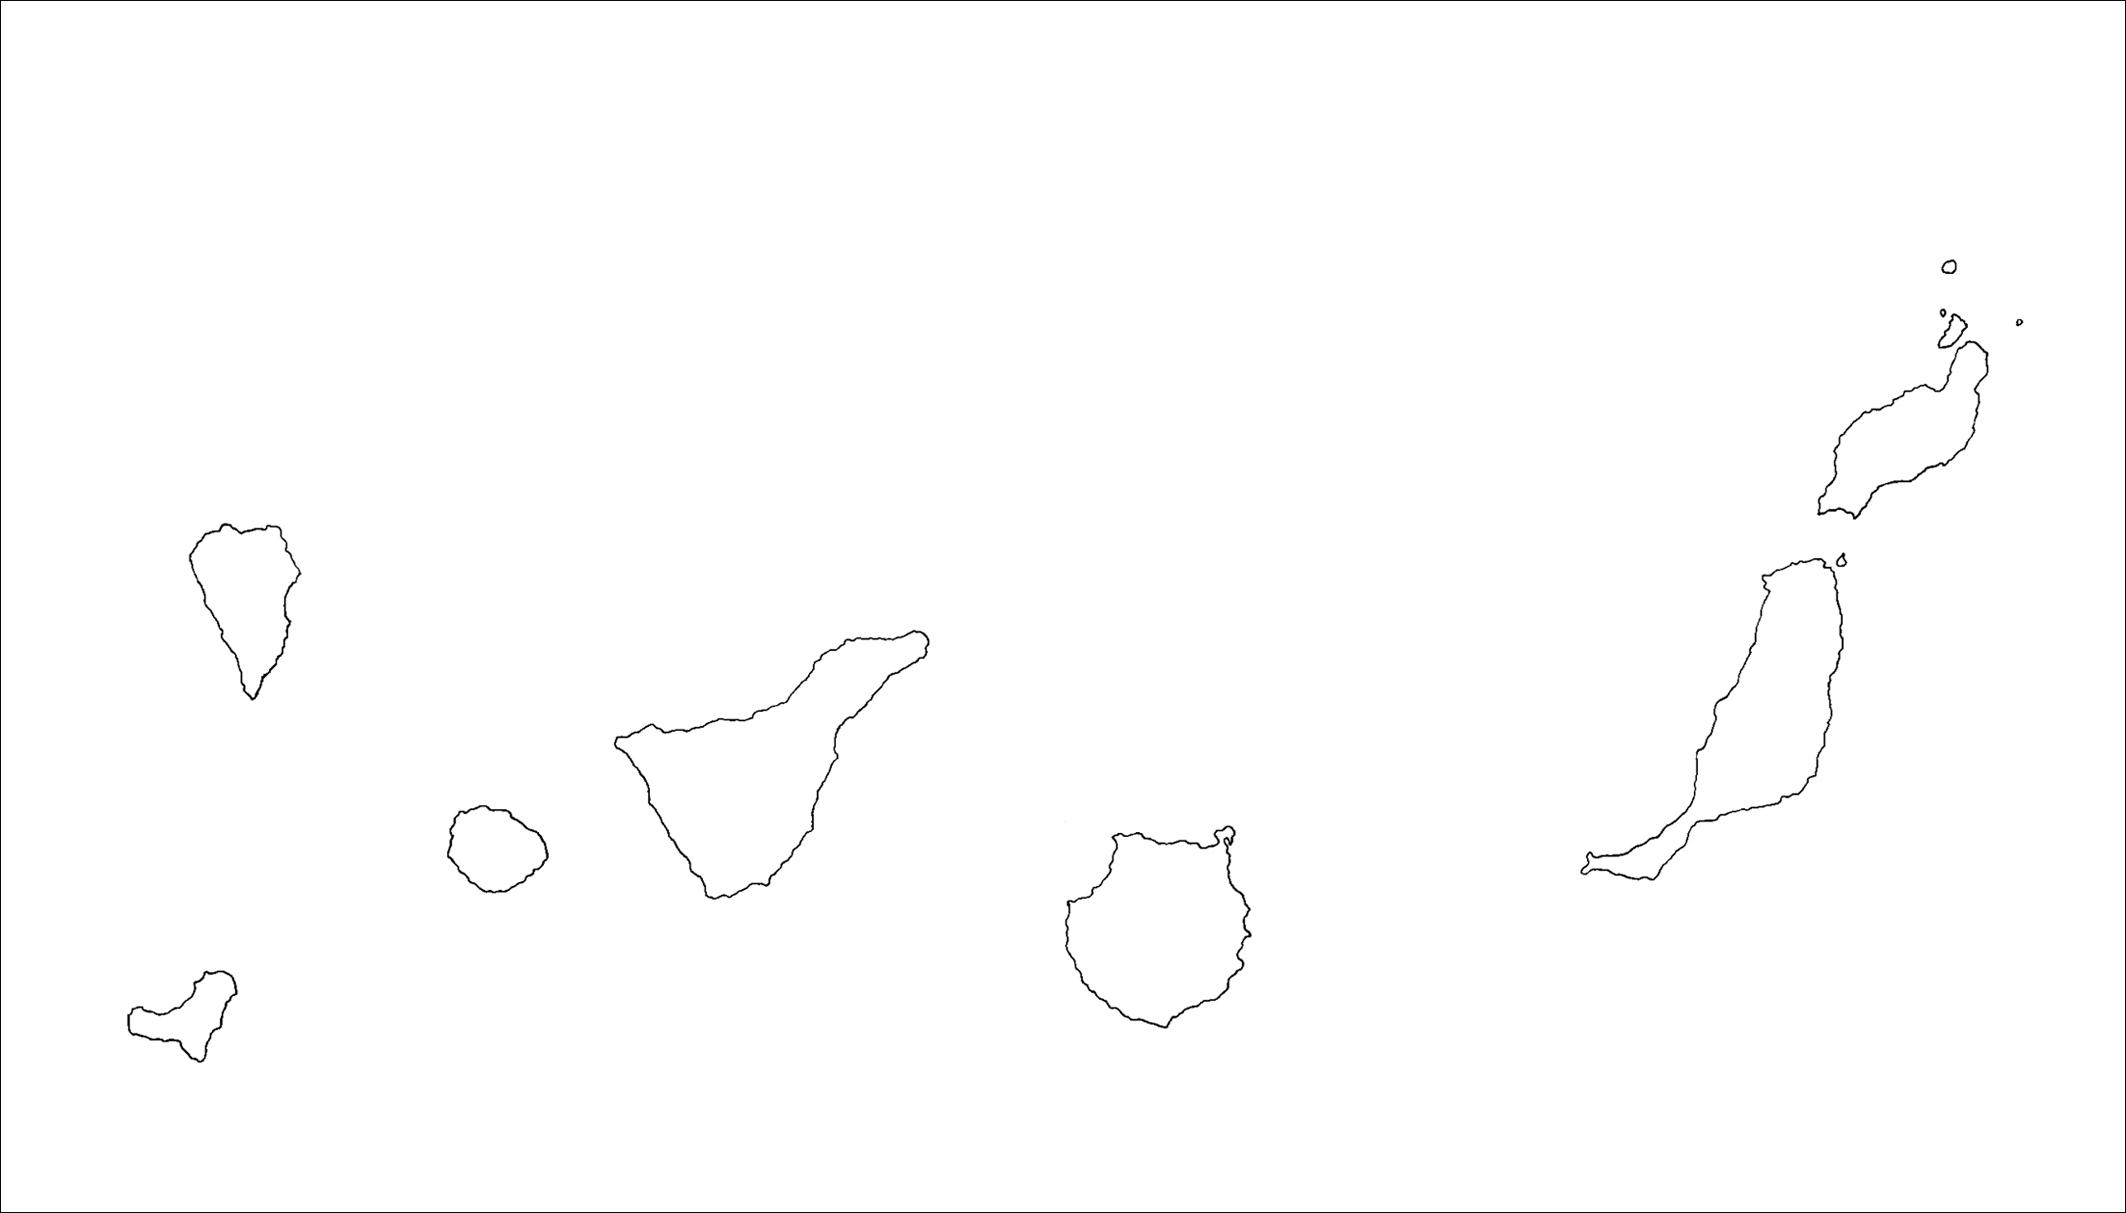 Mapa Mudo De Canarias.6 El Medio Fisico Canario Geohis Daute Lomce